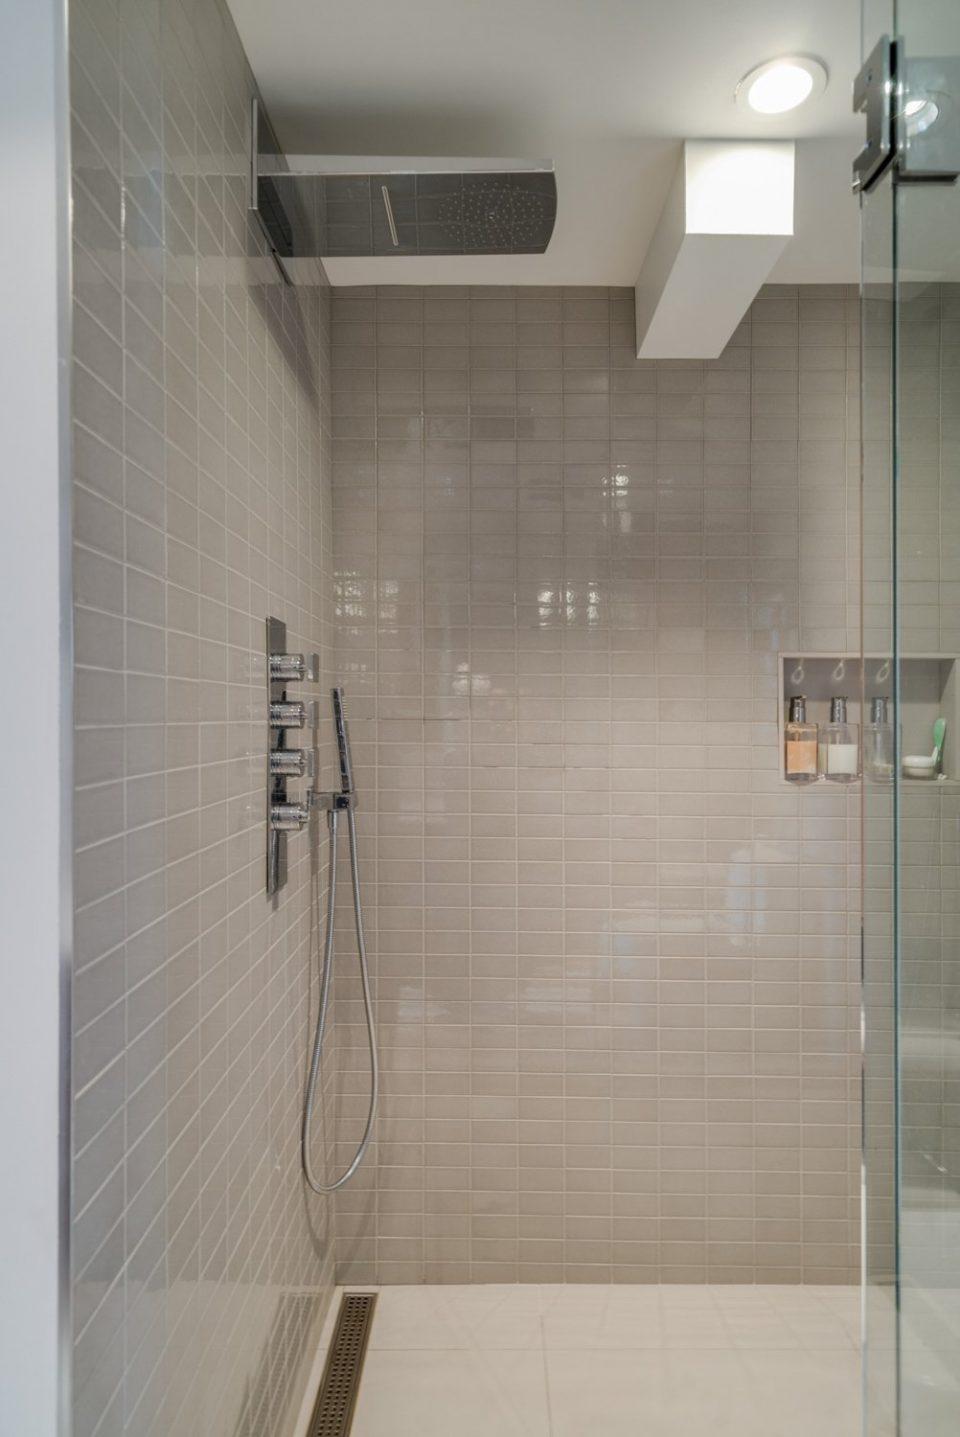 601 - 27 Alexander Street shower